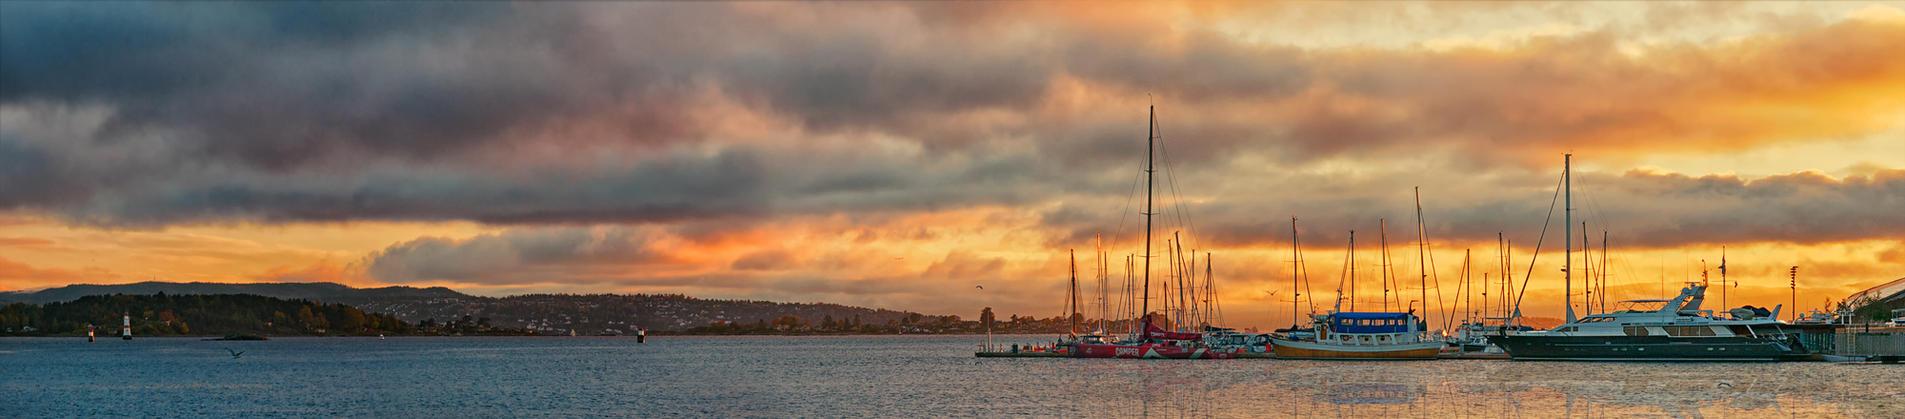 Oslo - SunSet by PatiMakowska